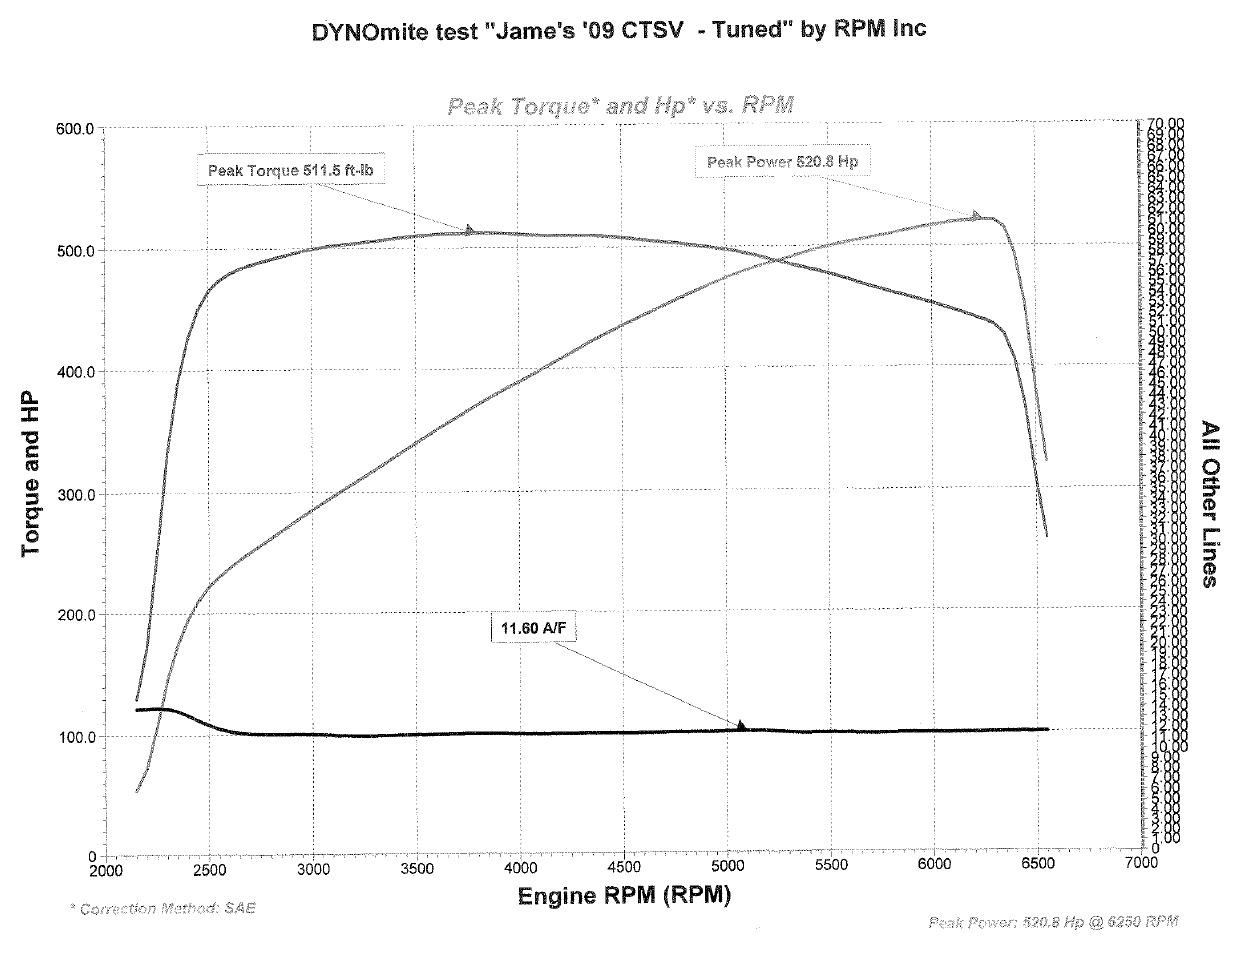 Cadillac Cts V Ecu Tune Dyno Results Graphs Hosepower